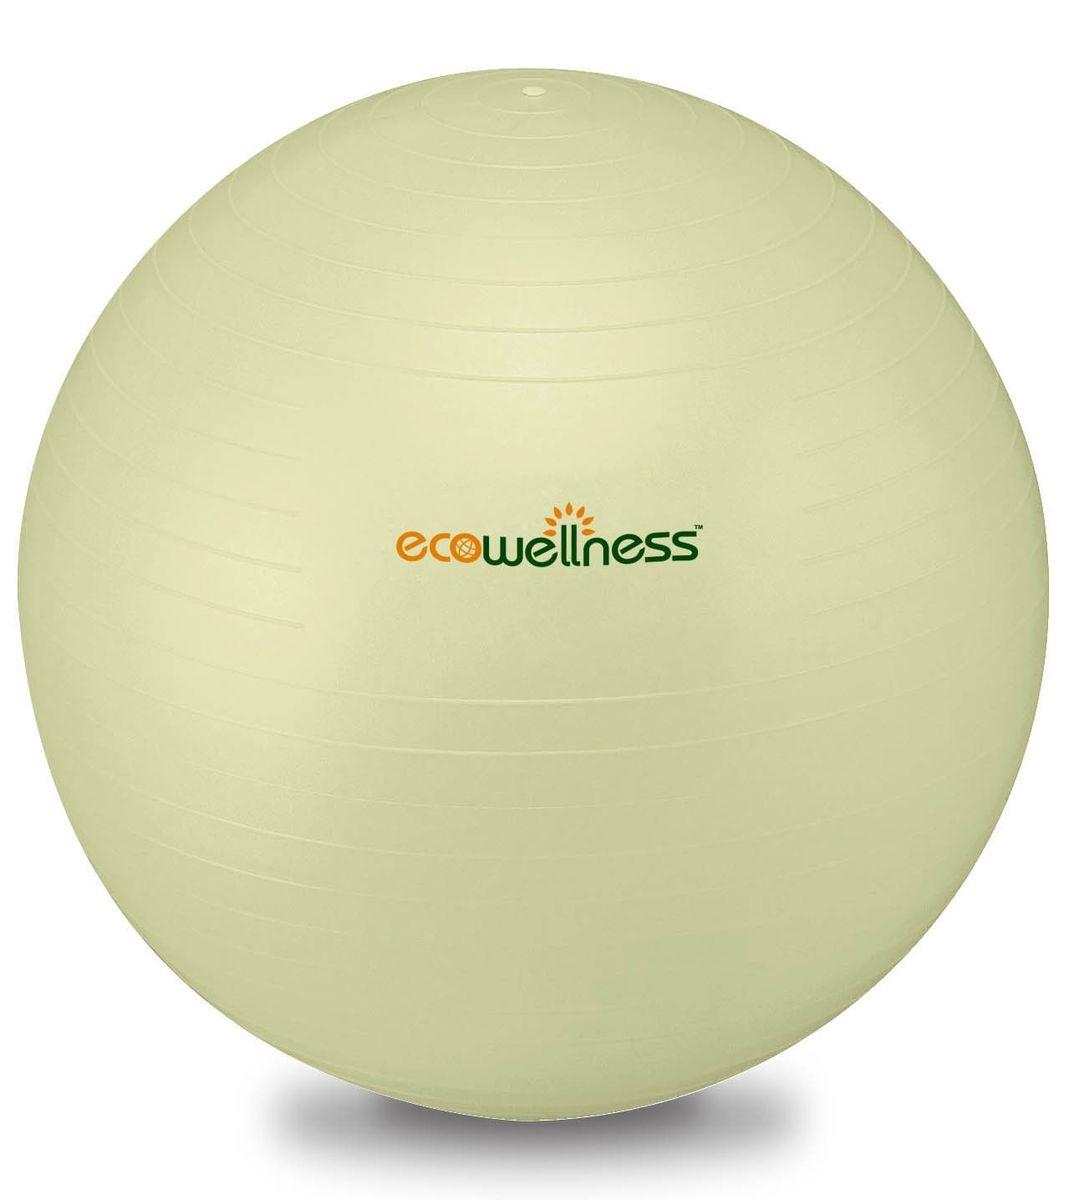 Мяч гимнастический Ecowellness 65 см, c ручным насосом, цвет: светло-зеленый. QB-001TAG3-26 мяч гимнастический ecowellness цвет серый зеленый диаметр 65 см